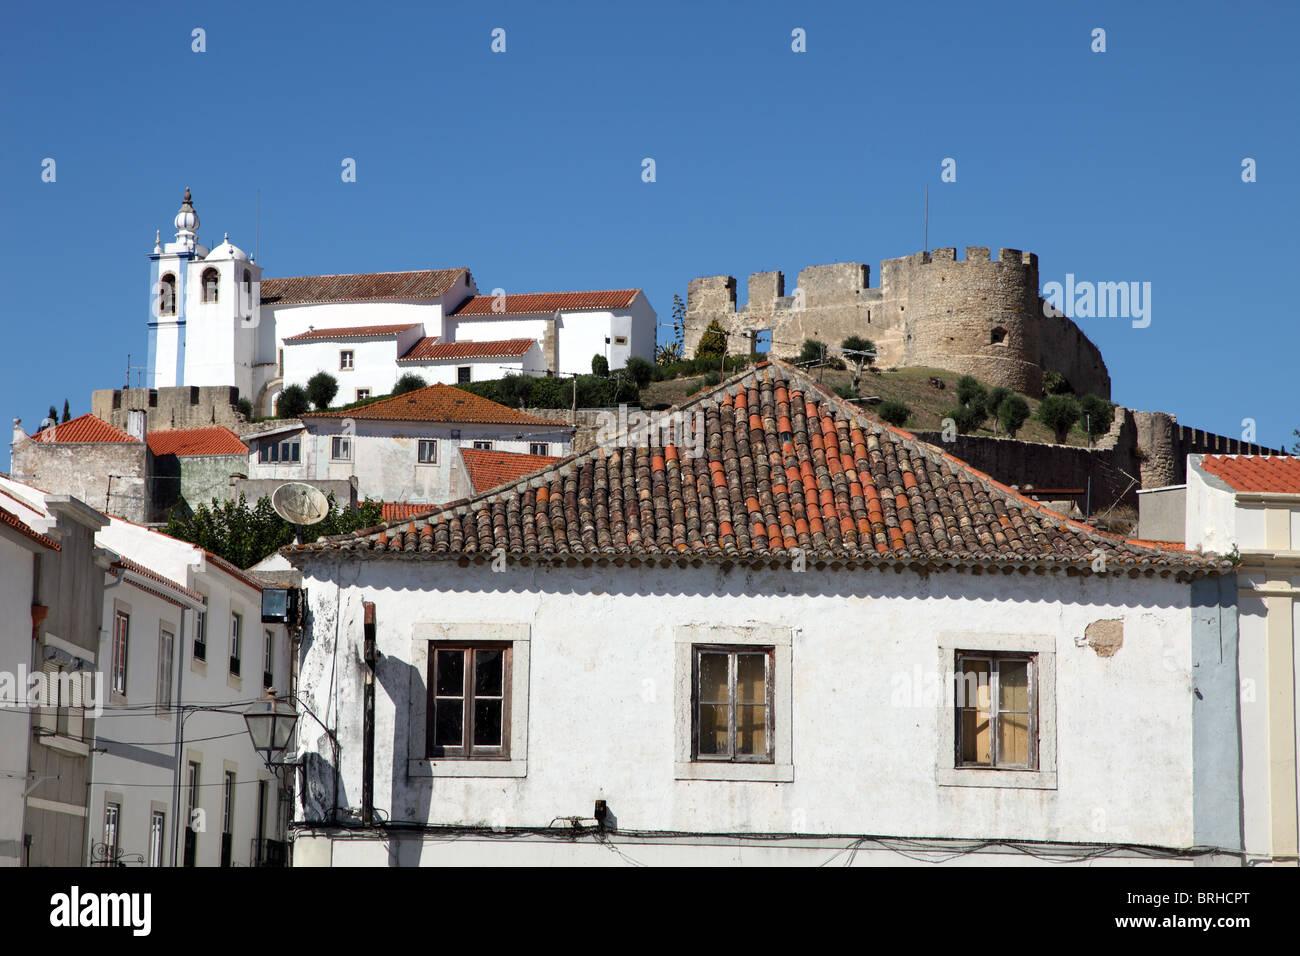 Torres Vedras Castle, medieval village, Portugal - Stock Image